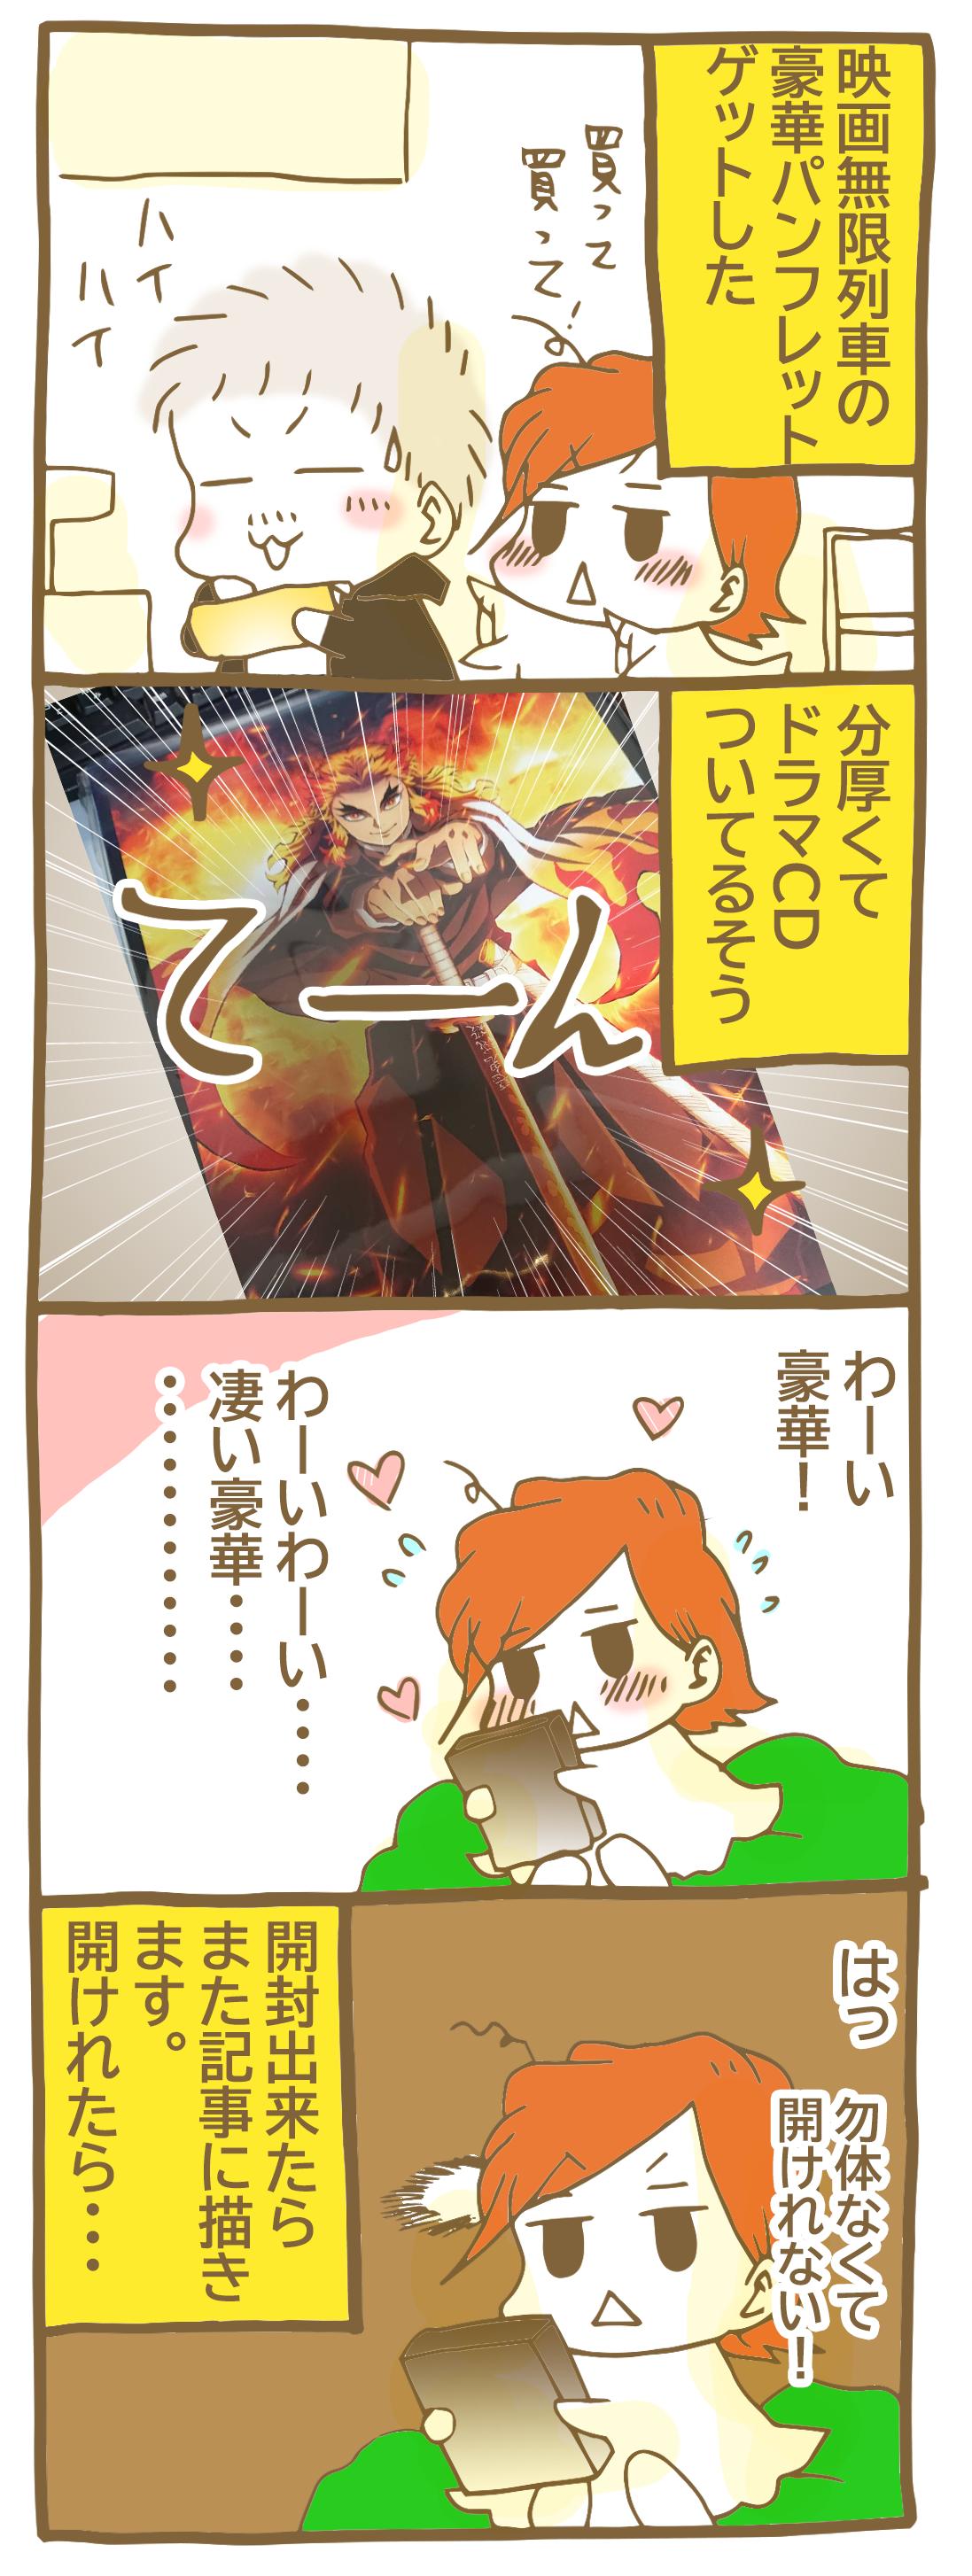 豪華 パンフレット 滅 cd 刃 ドラマ の 版 鬼